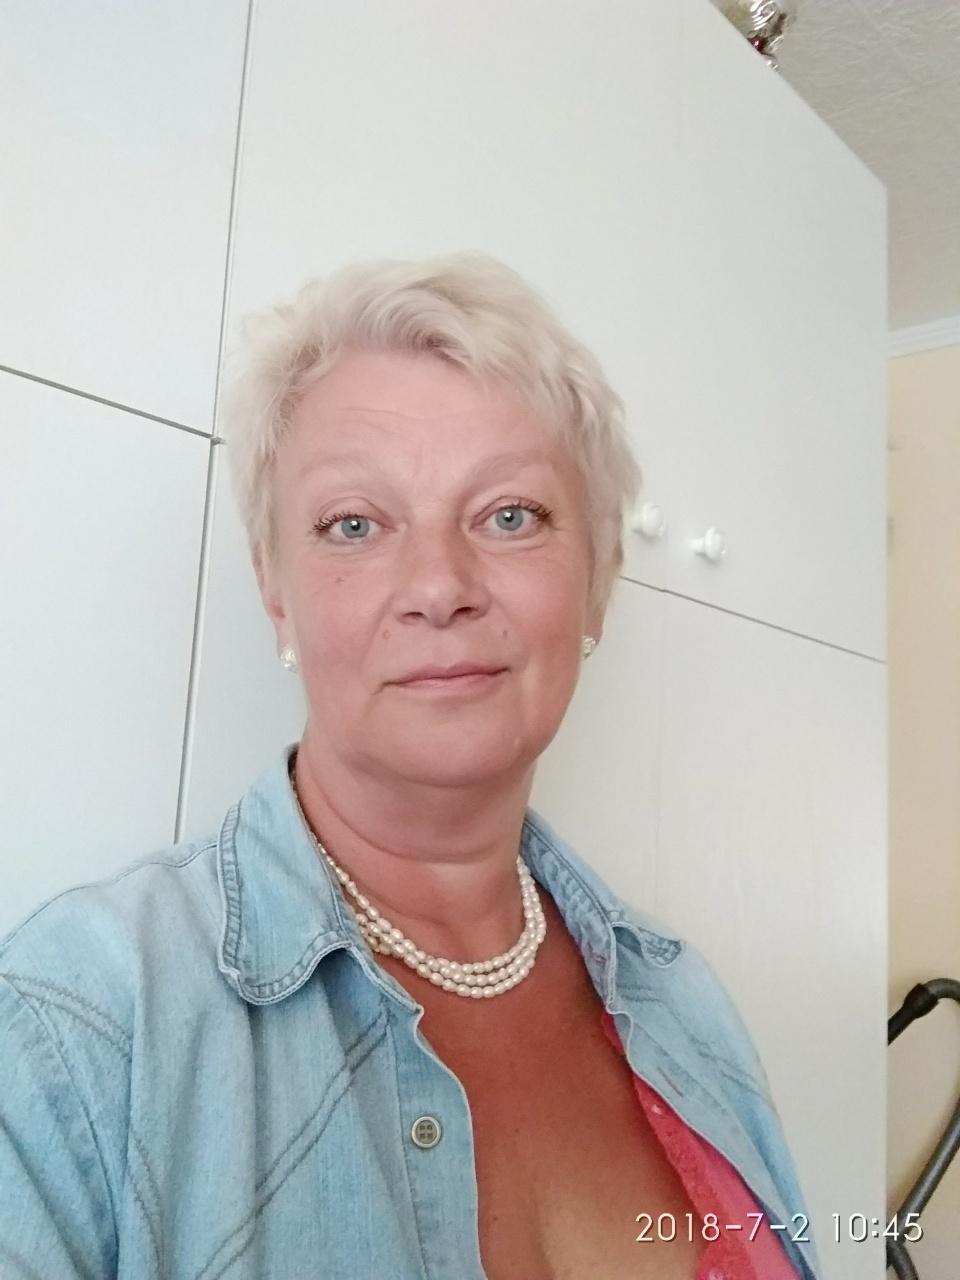 pogány társkereső Írország Szeretnék lányt randevúzni Chennaiban